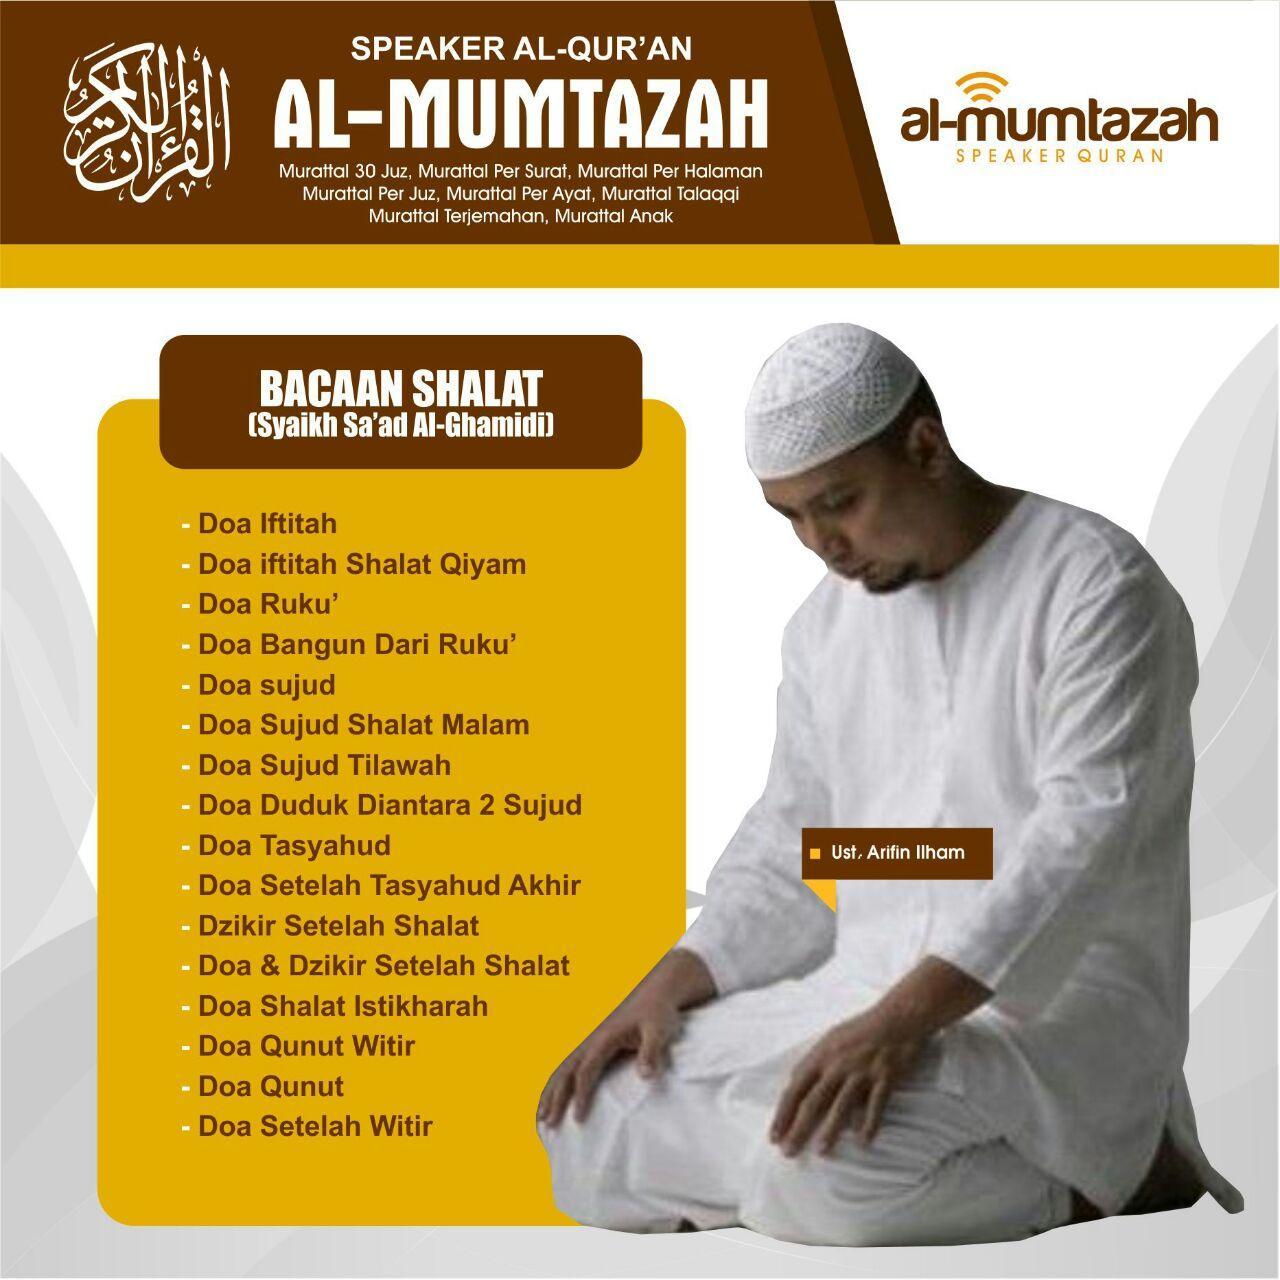 Fitur Speaker Al Quran Mumtazah Mtz 300 Terlengkap 8gb Dan Harga Portable Audio Murottal Alquran Hapalan 3